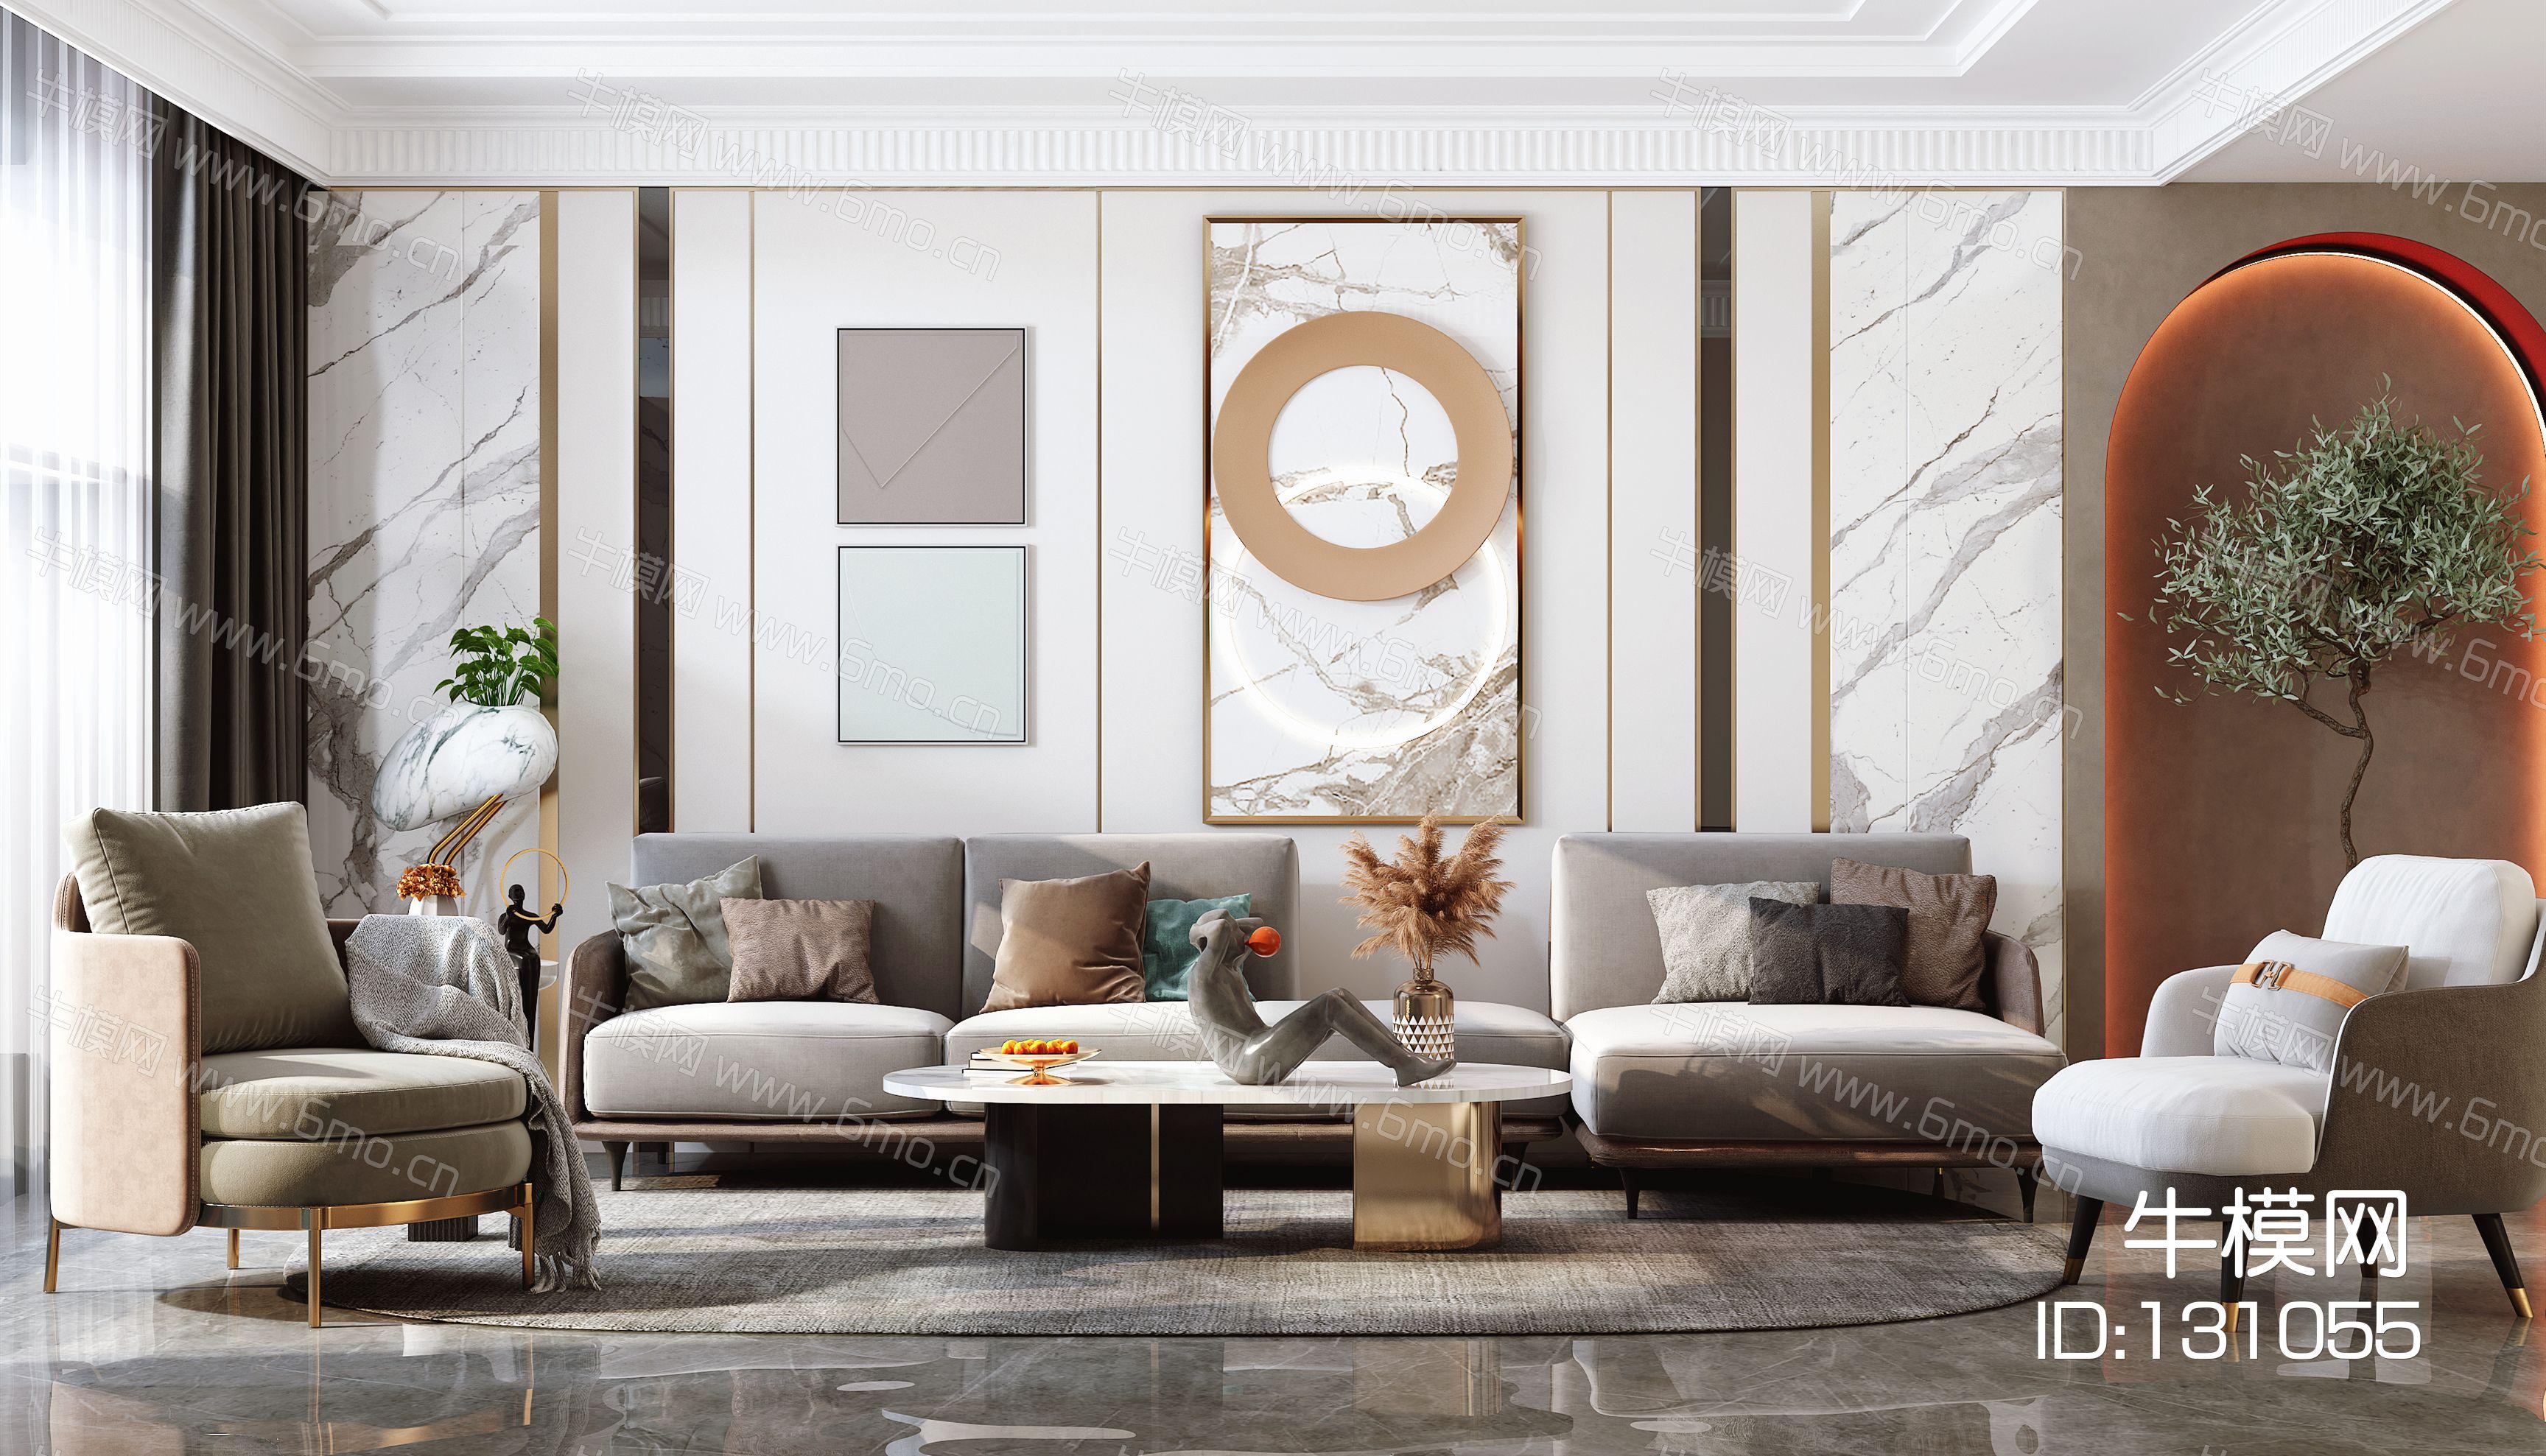 欧式客厅,沙发茶几组合,陈设摆件,背景墙,灯具,单椅